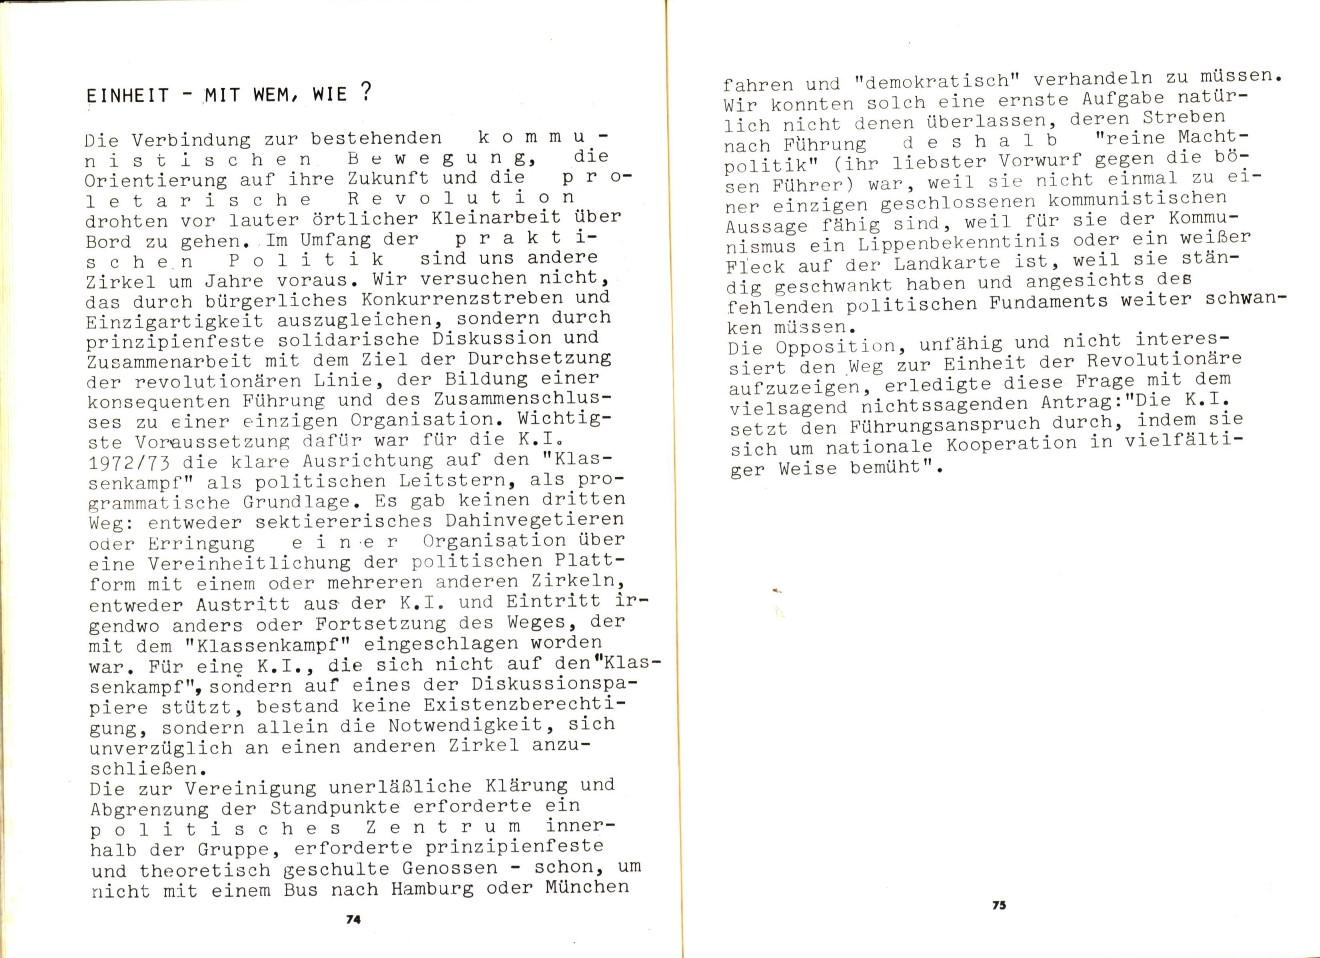 Koeln_KI_1974_Kleinbuergerei_39